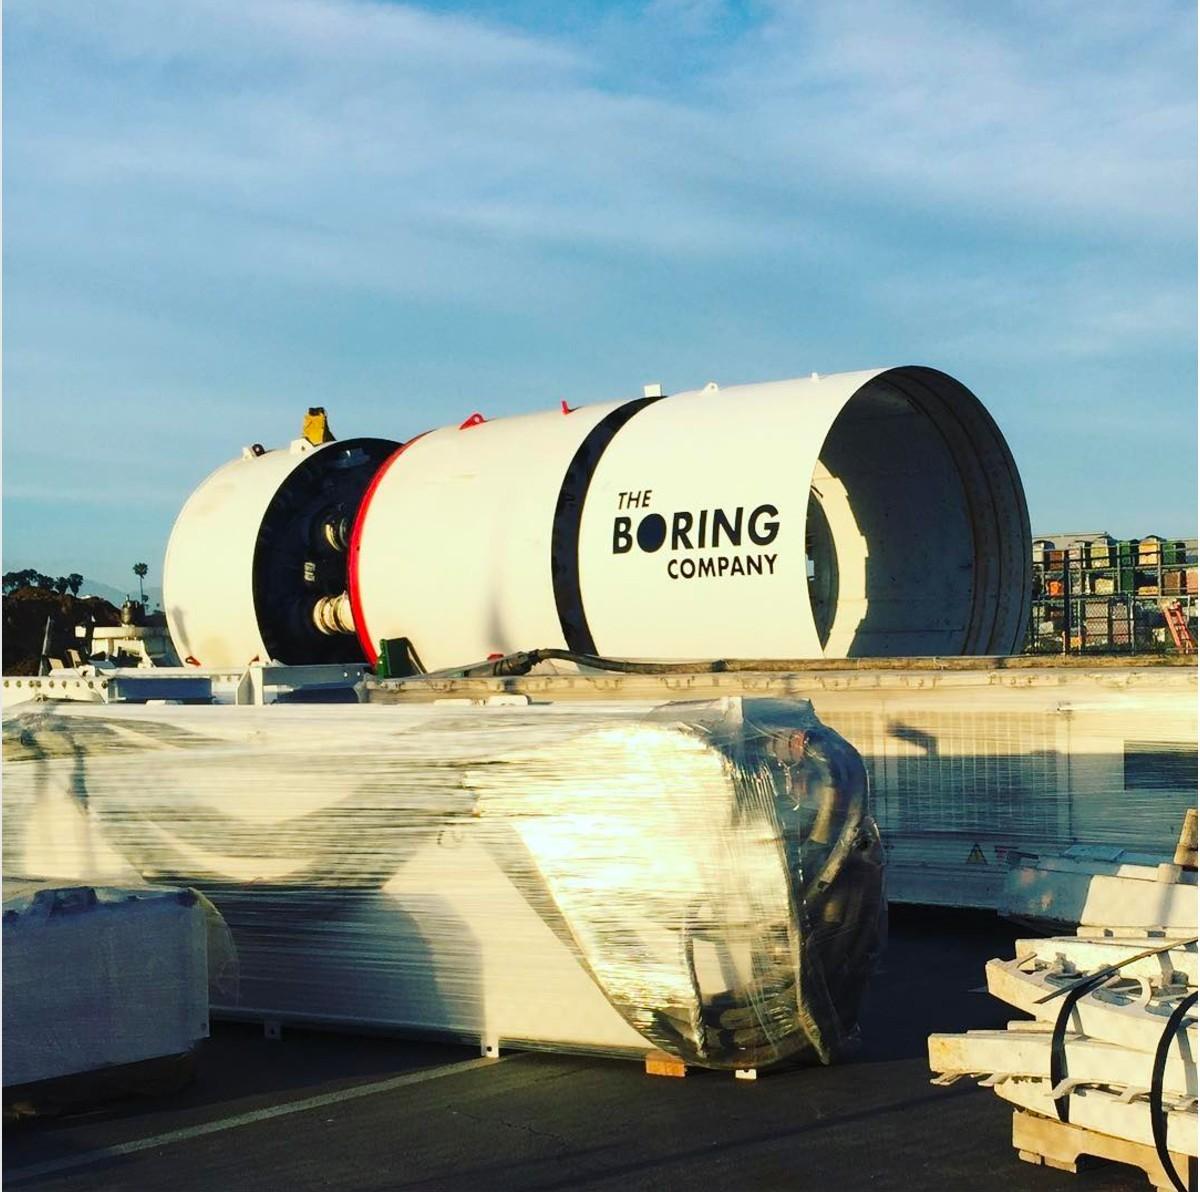 Проходческий щит Илона Маска прибыл к яме на парковке SpaceX - 5